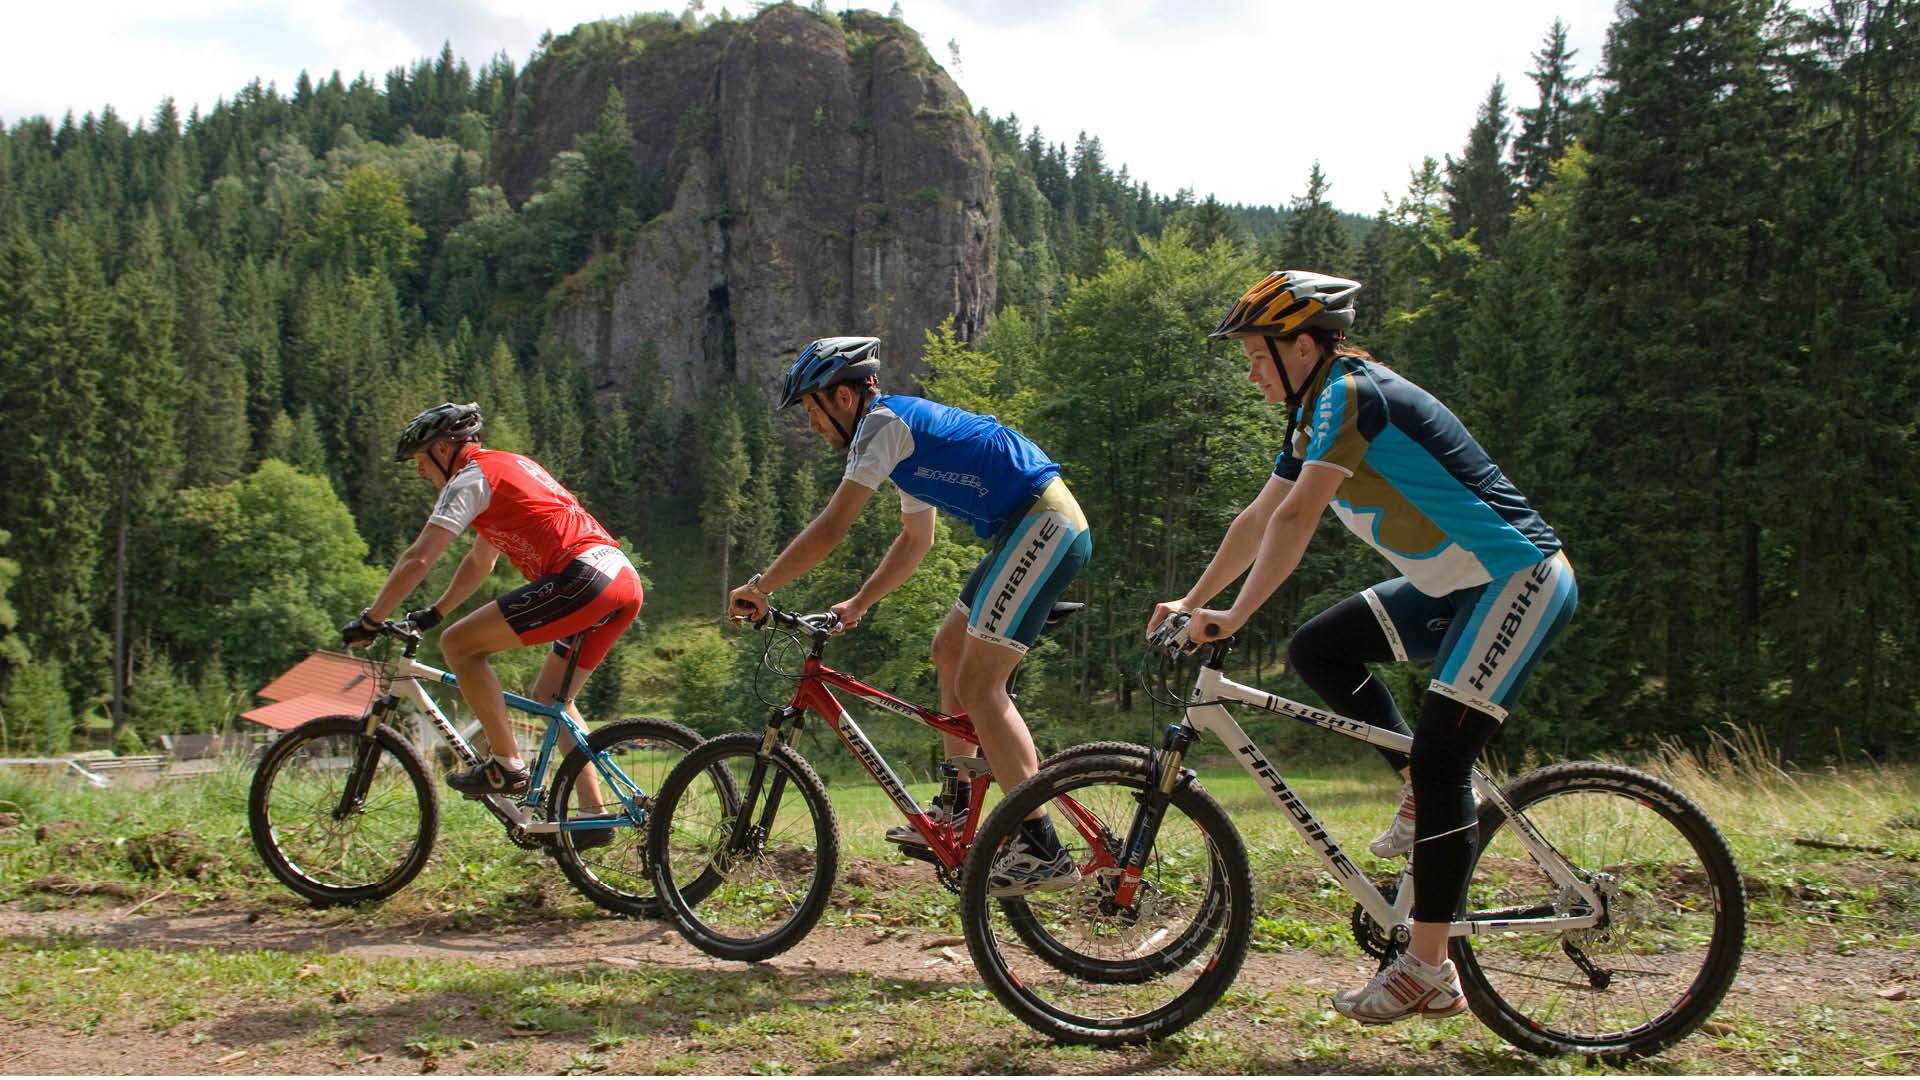 Mountainbike Gruppe bei Oberhof | © Tourist Information Oberhof